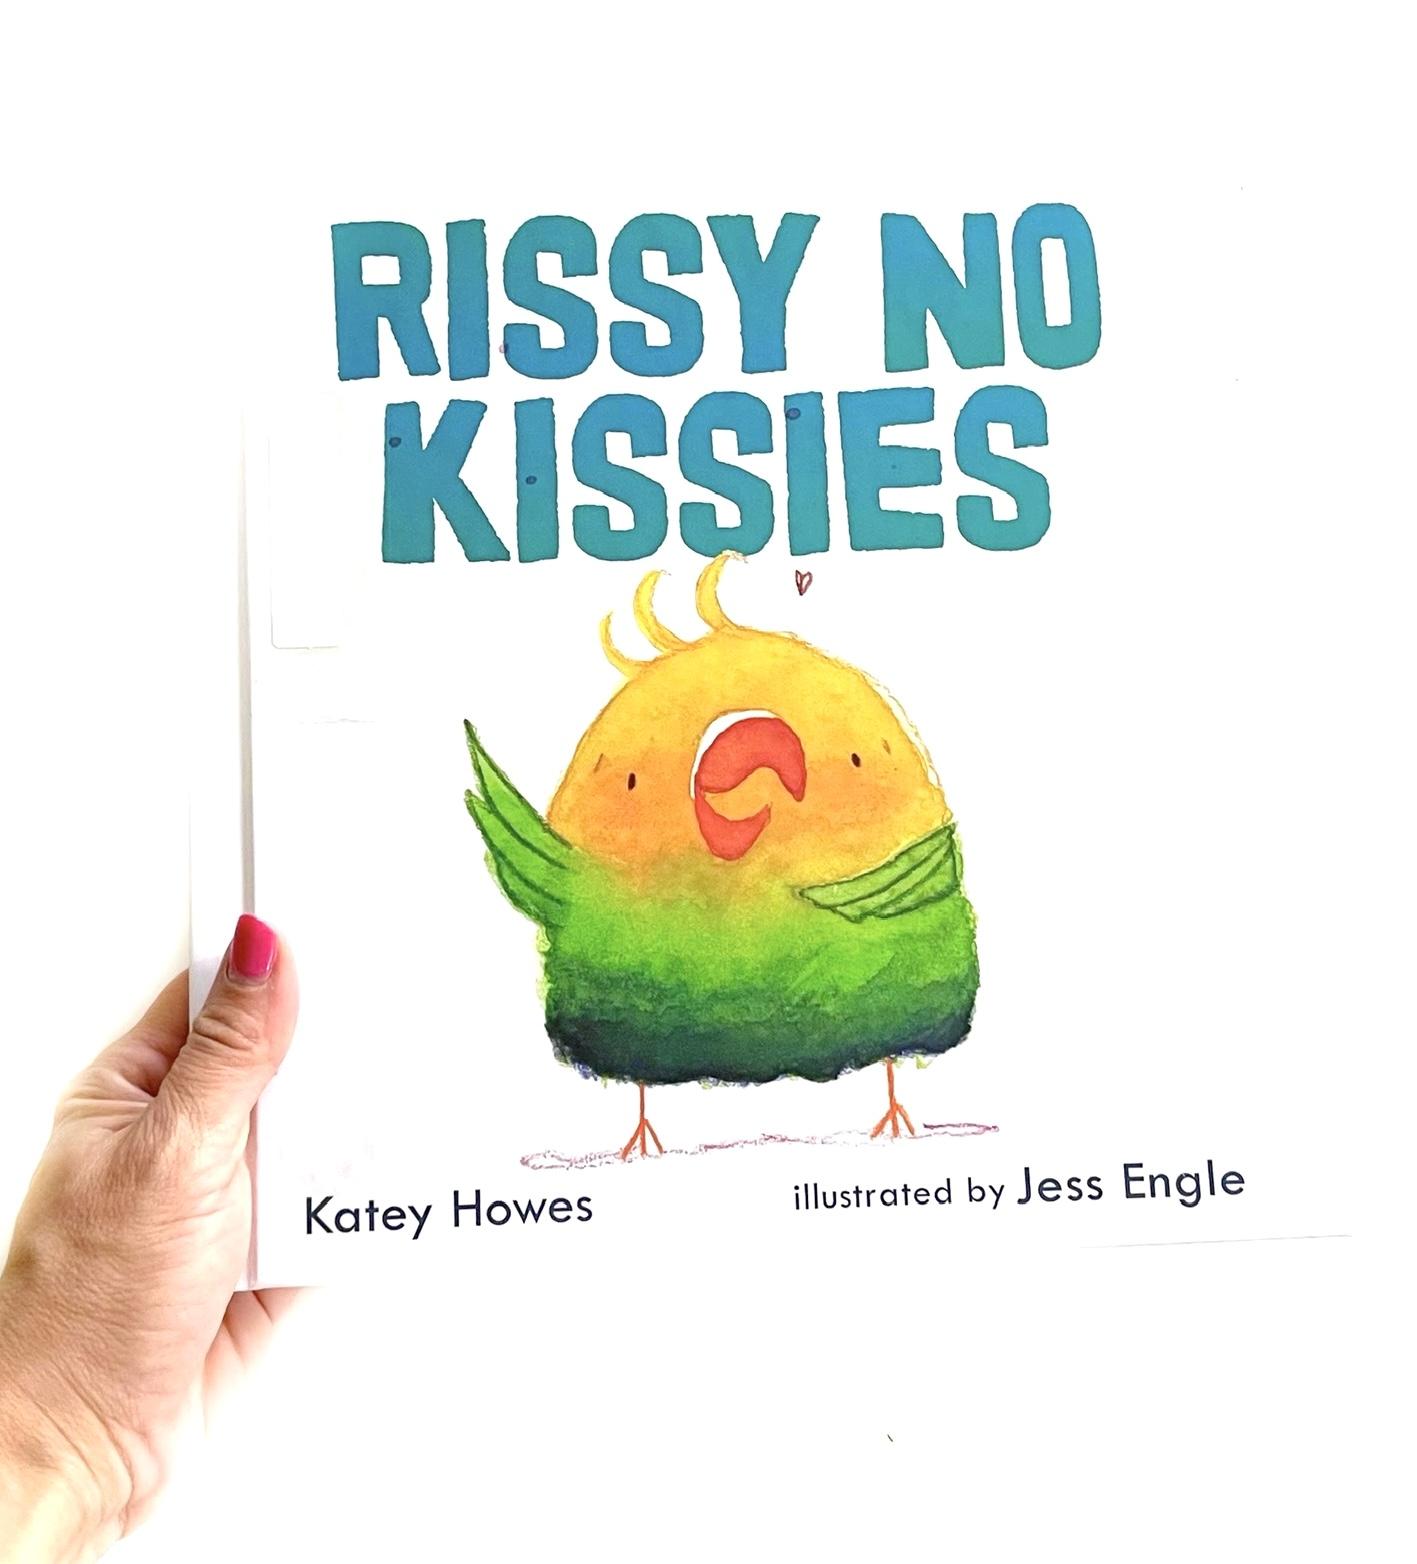 Rissy-No-Kissies